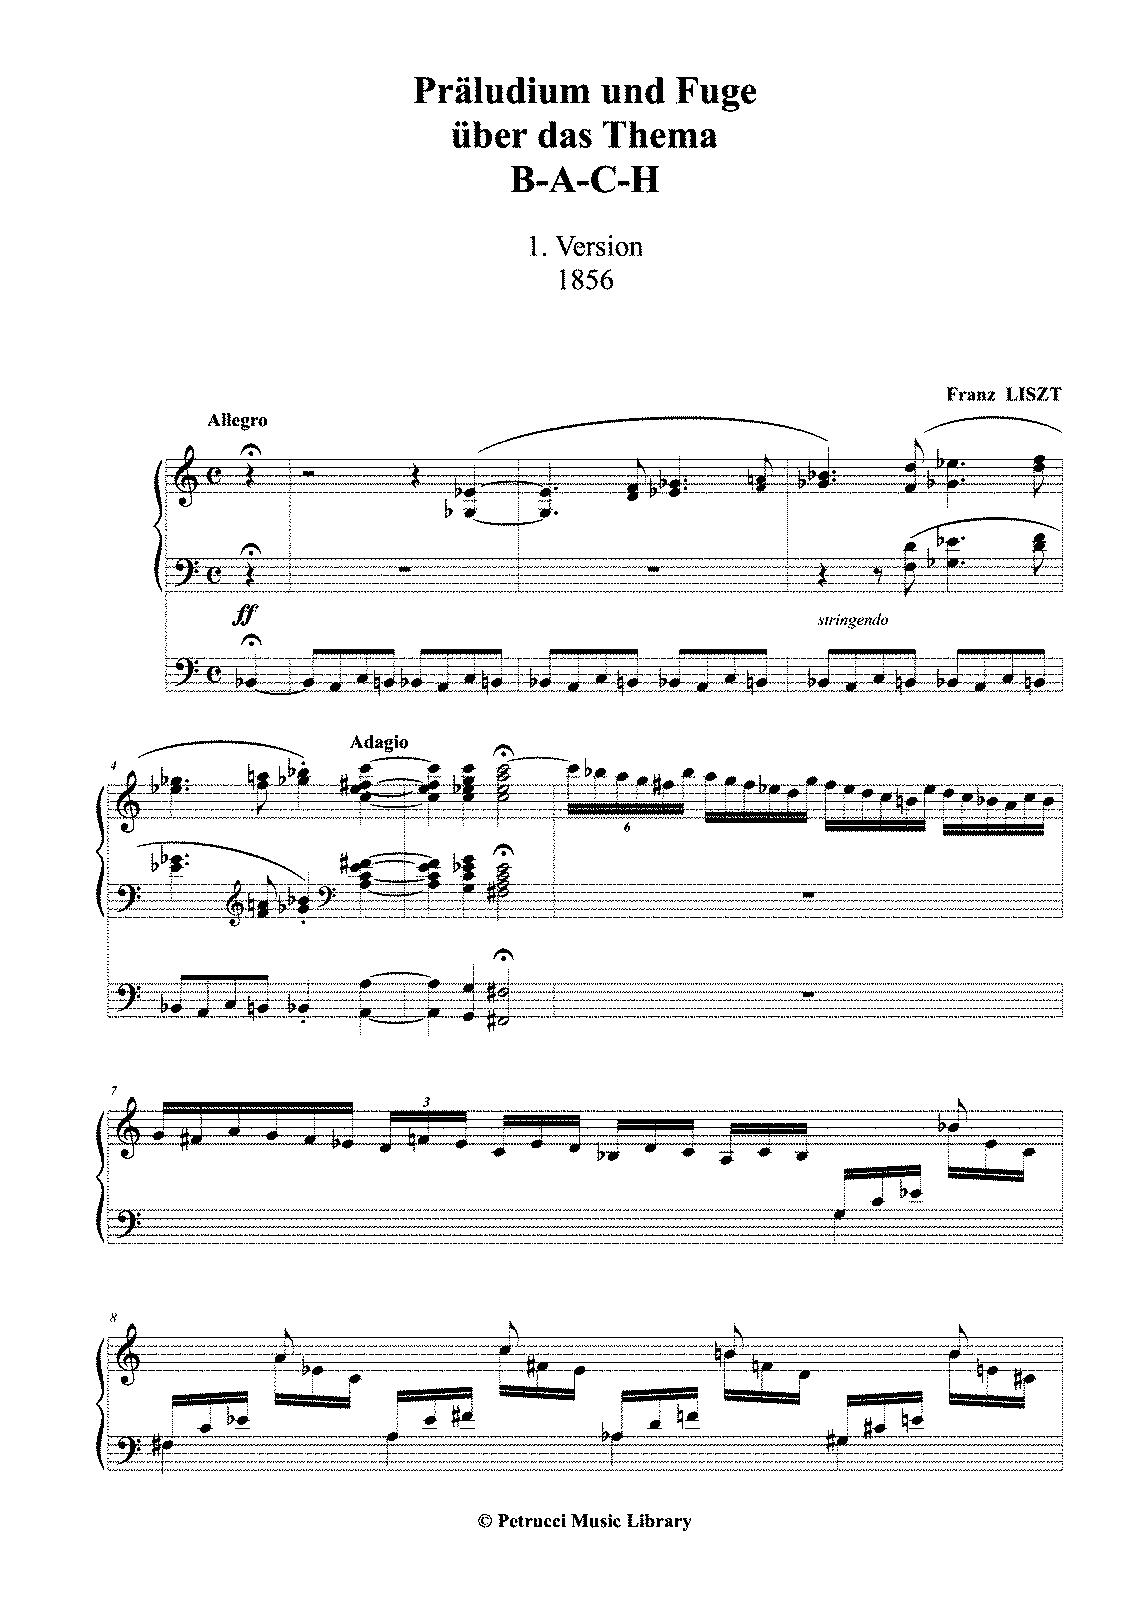 Präludium und Fuge über den Namen BACH, S.260 (Liszt, Franz) - IMSLP ...